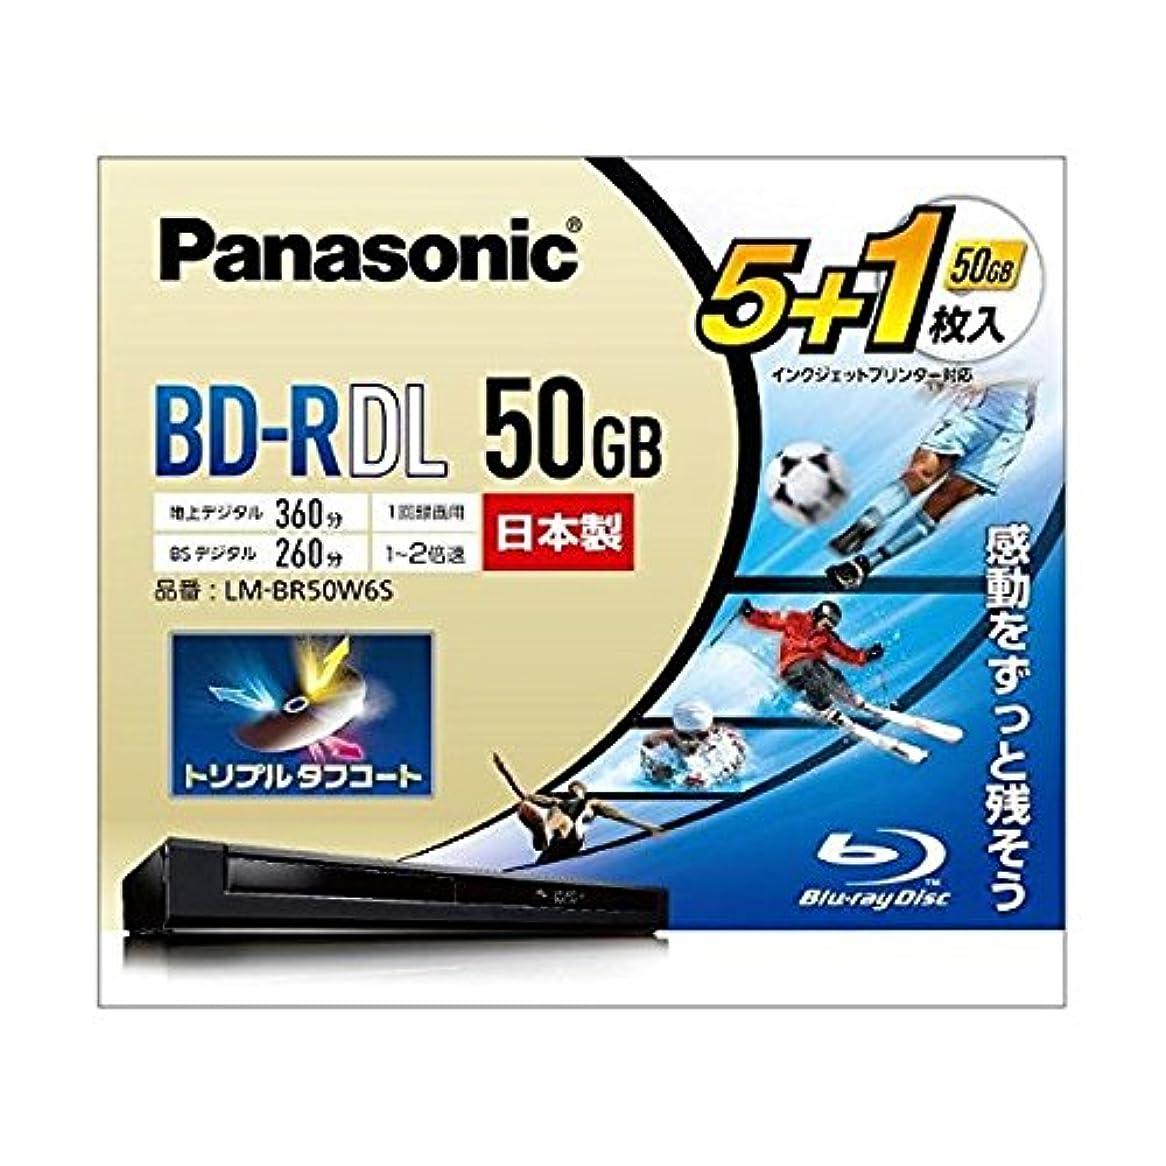 ケージブランド良さパナソニック 2倍速ブルーレイディスク片面2層50GB(追記)5枚+1枚 LM-BR50W6S